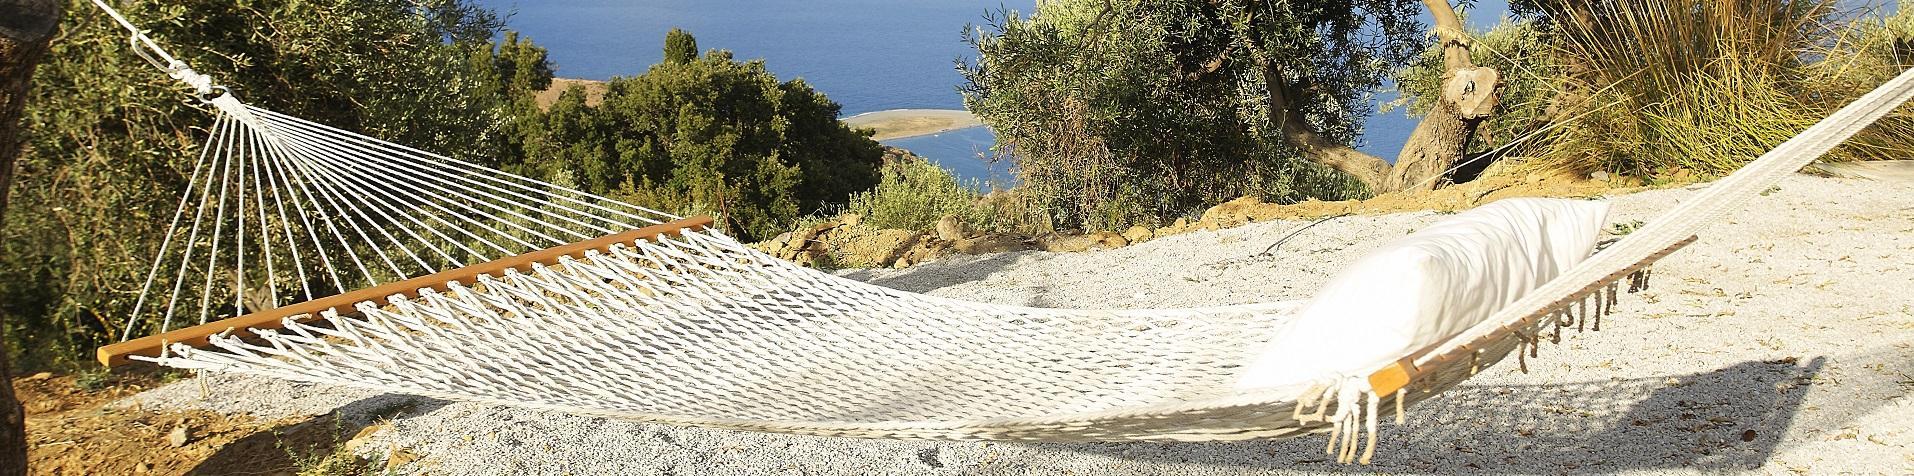 Case vacanze in sicilia for Subito case vacanze sicilia